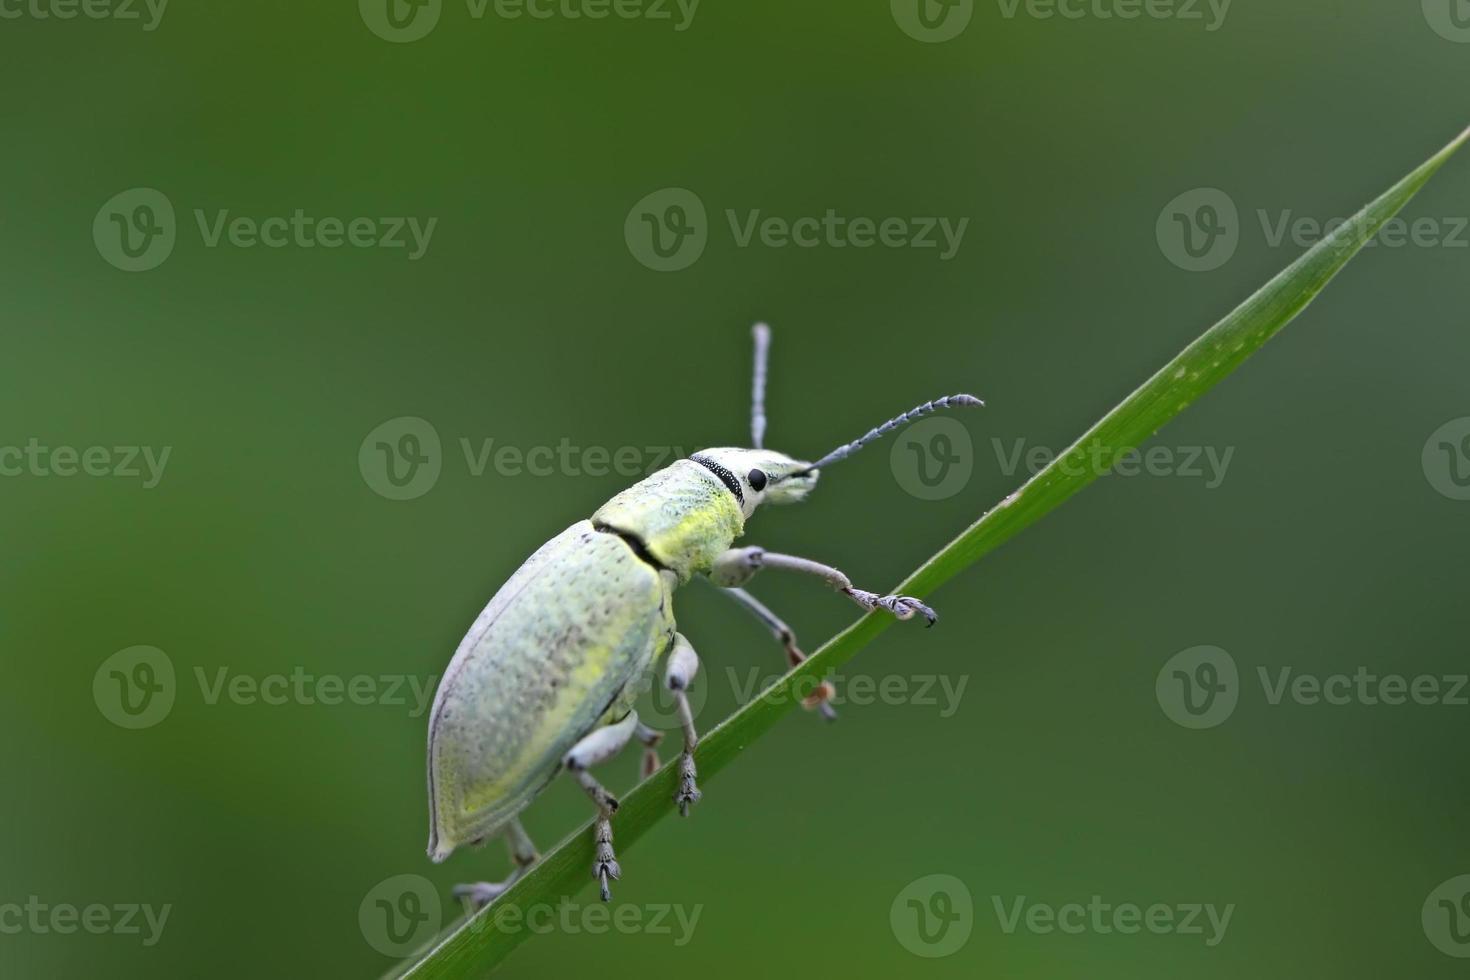 grüner Rüsselkäfer foto